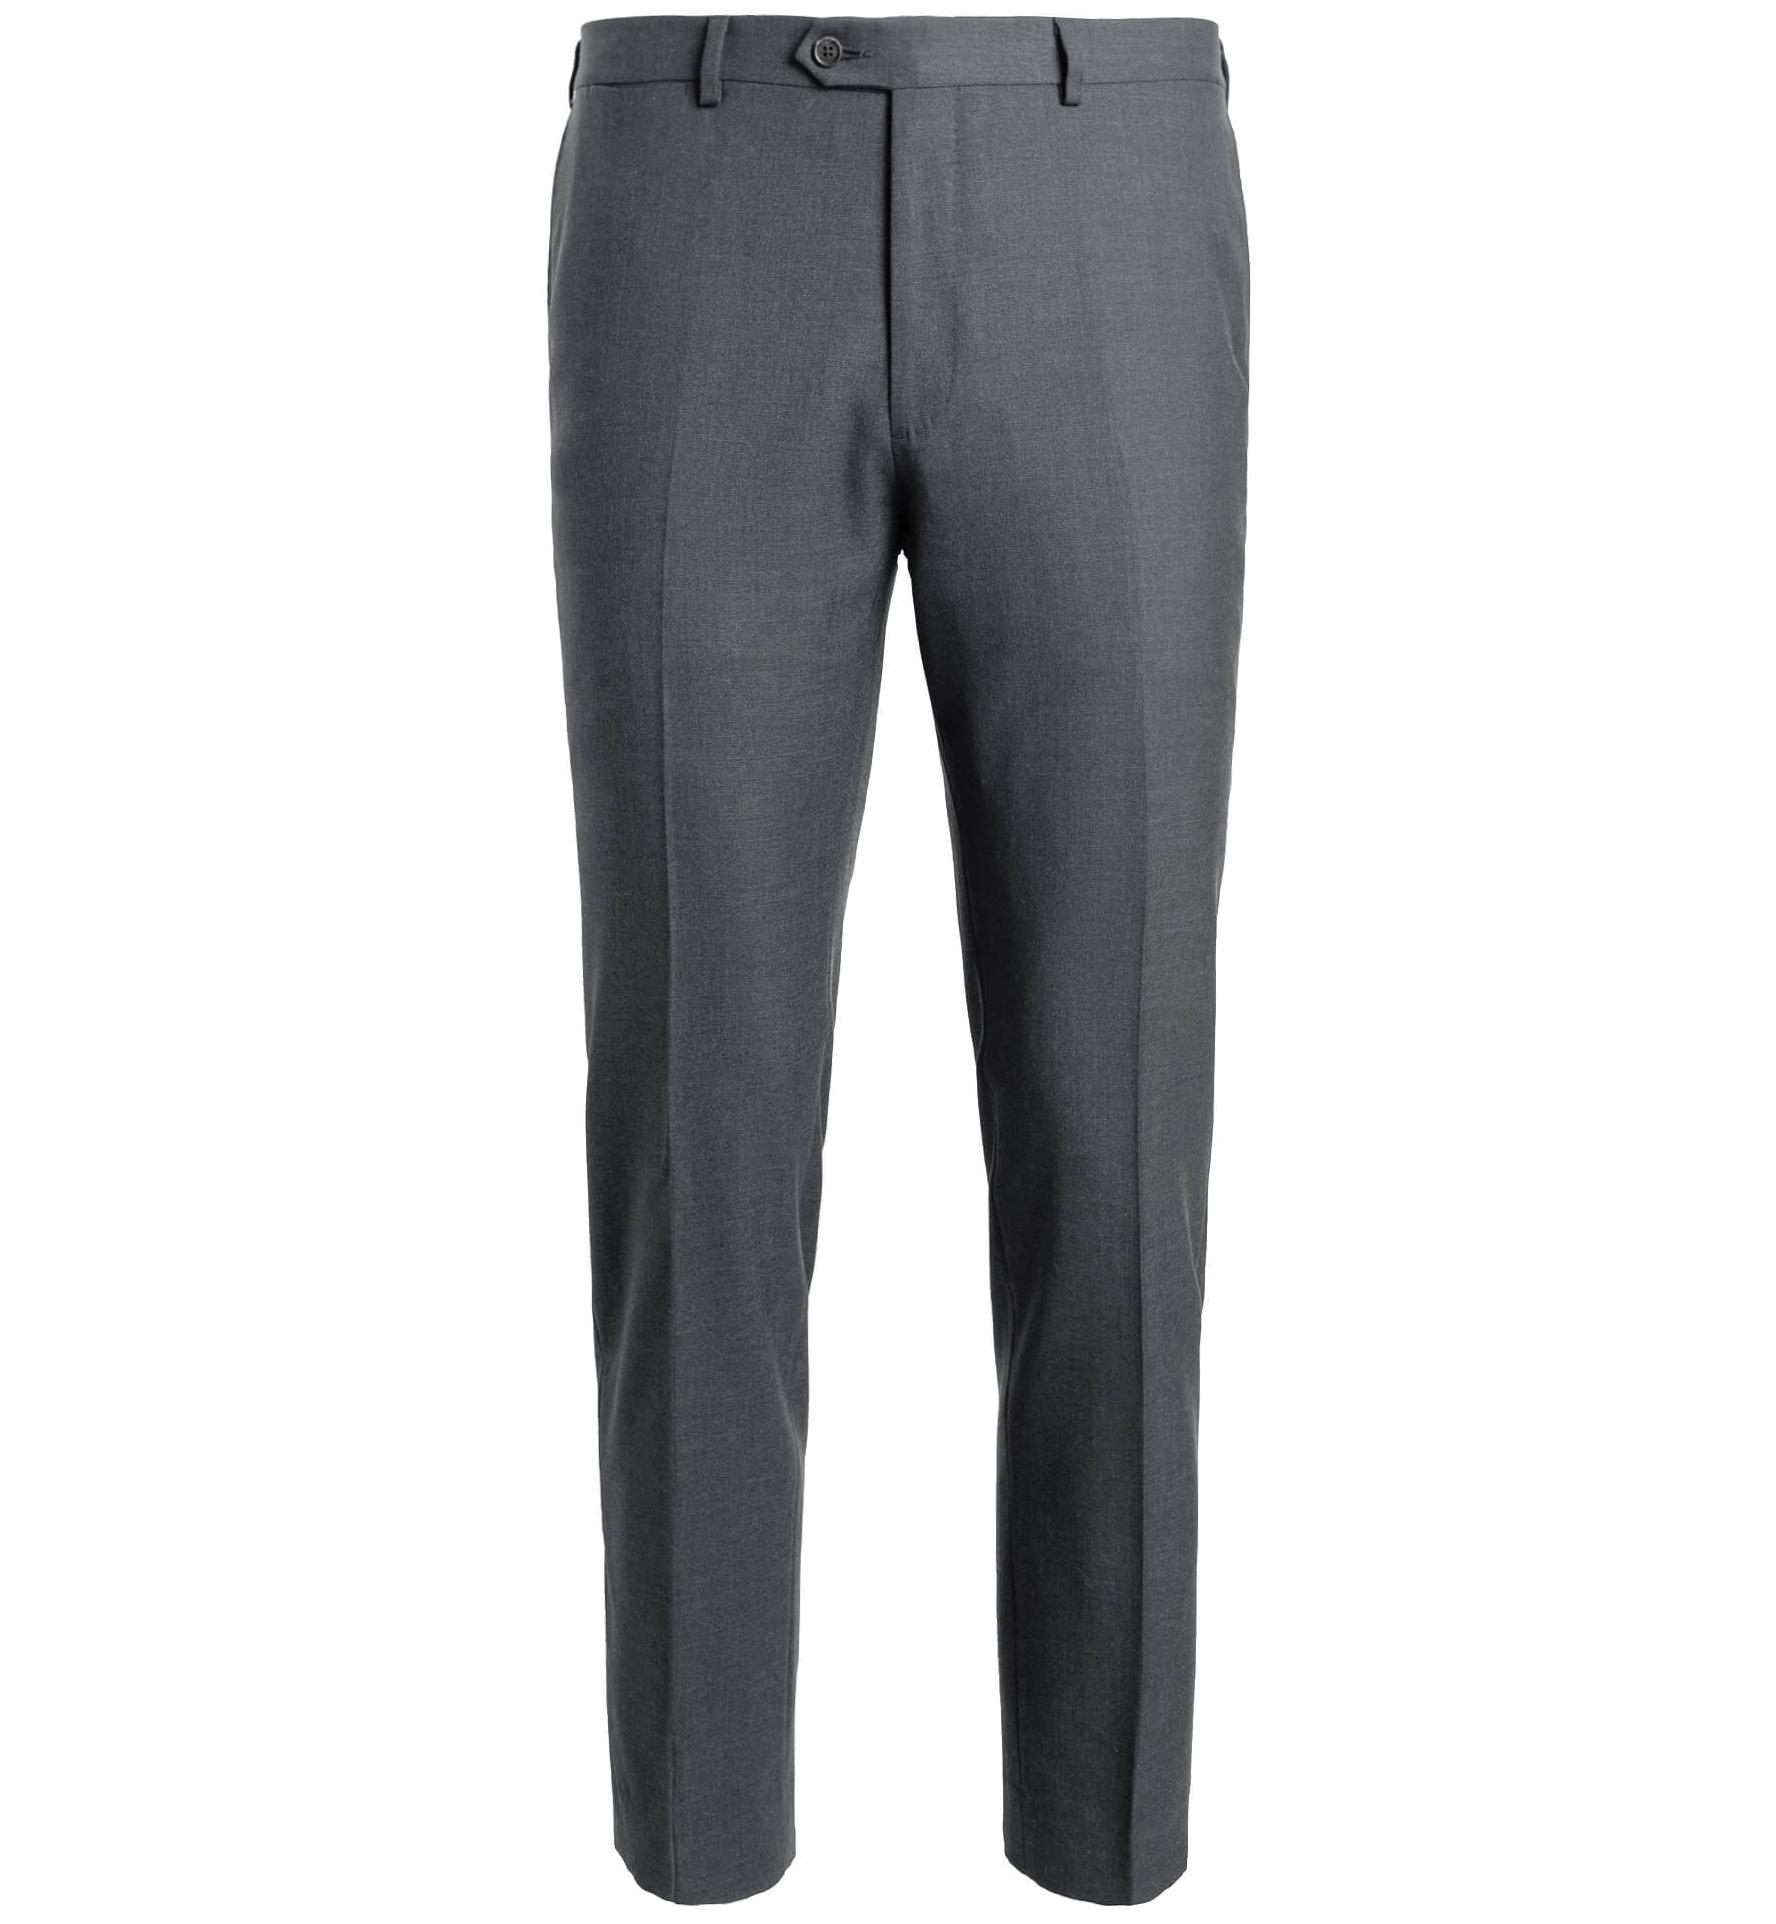 Zoom Image of Allen Grey Comfort Fresco Trouser